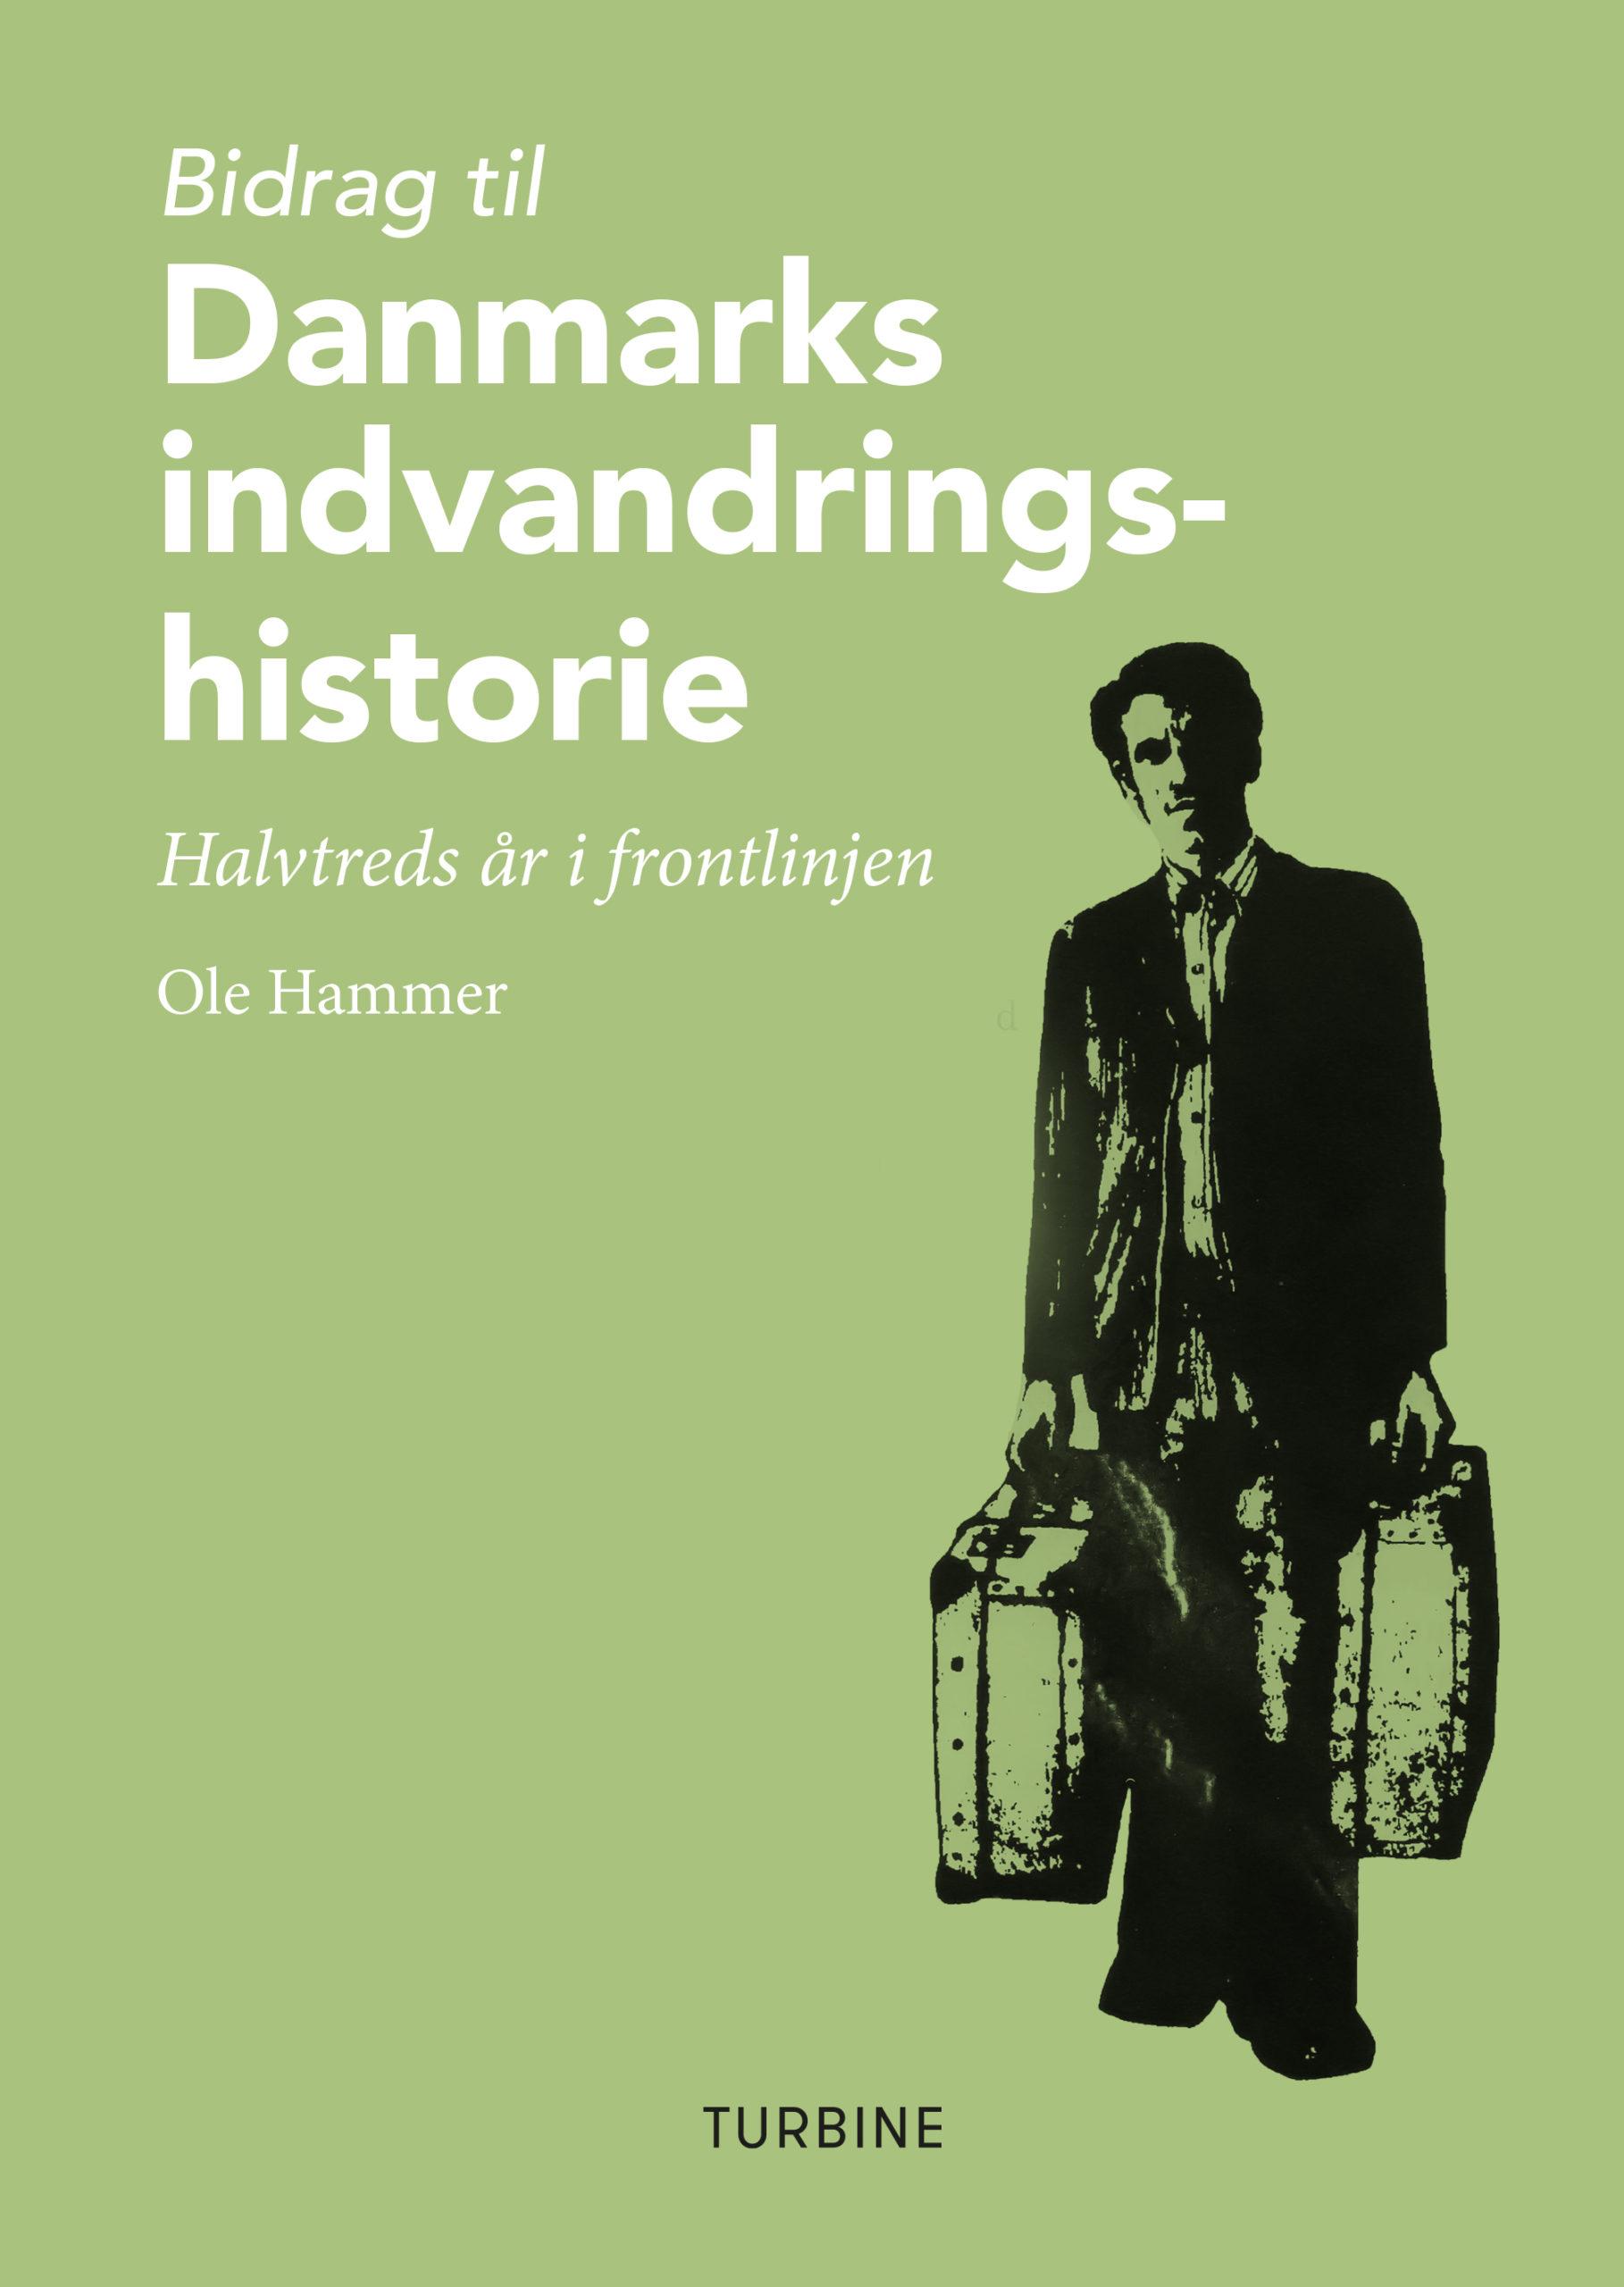 Bidrag til Danmarks indvandringshistorie